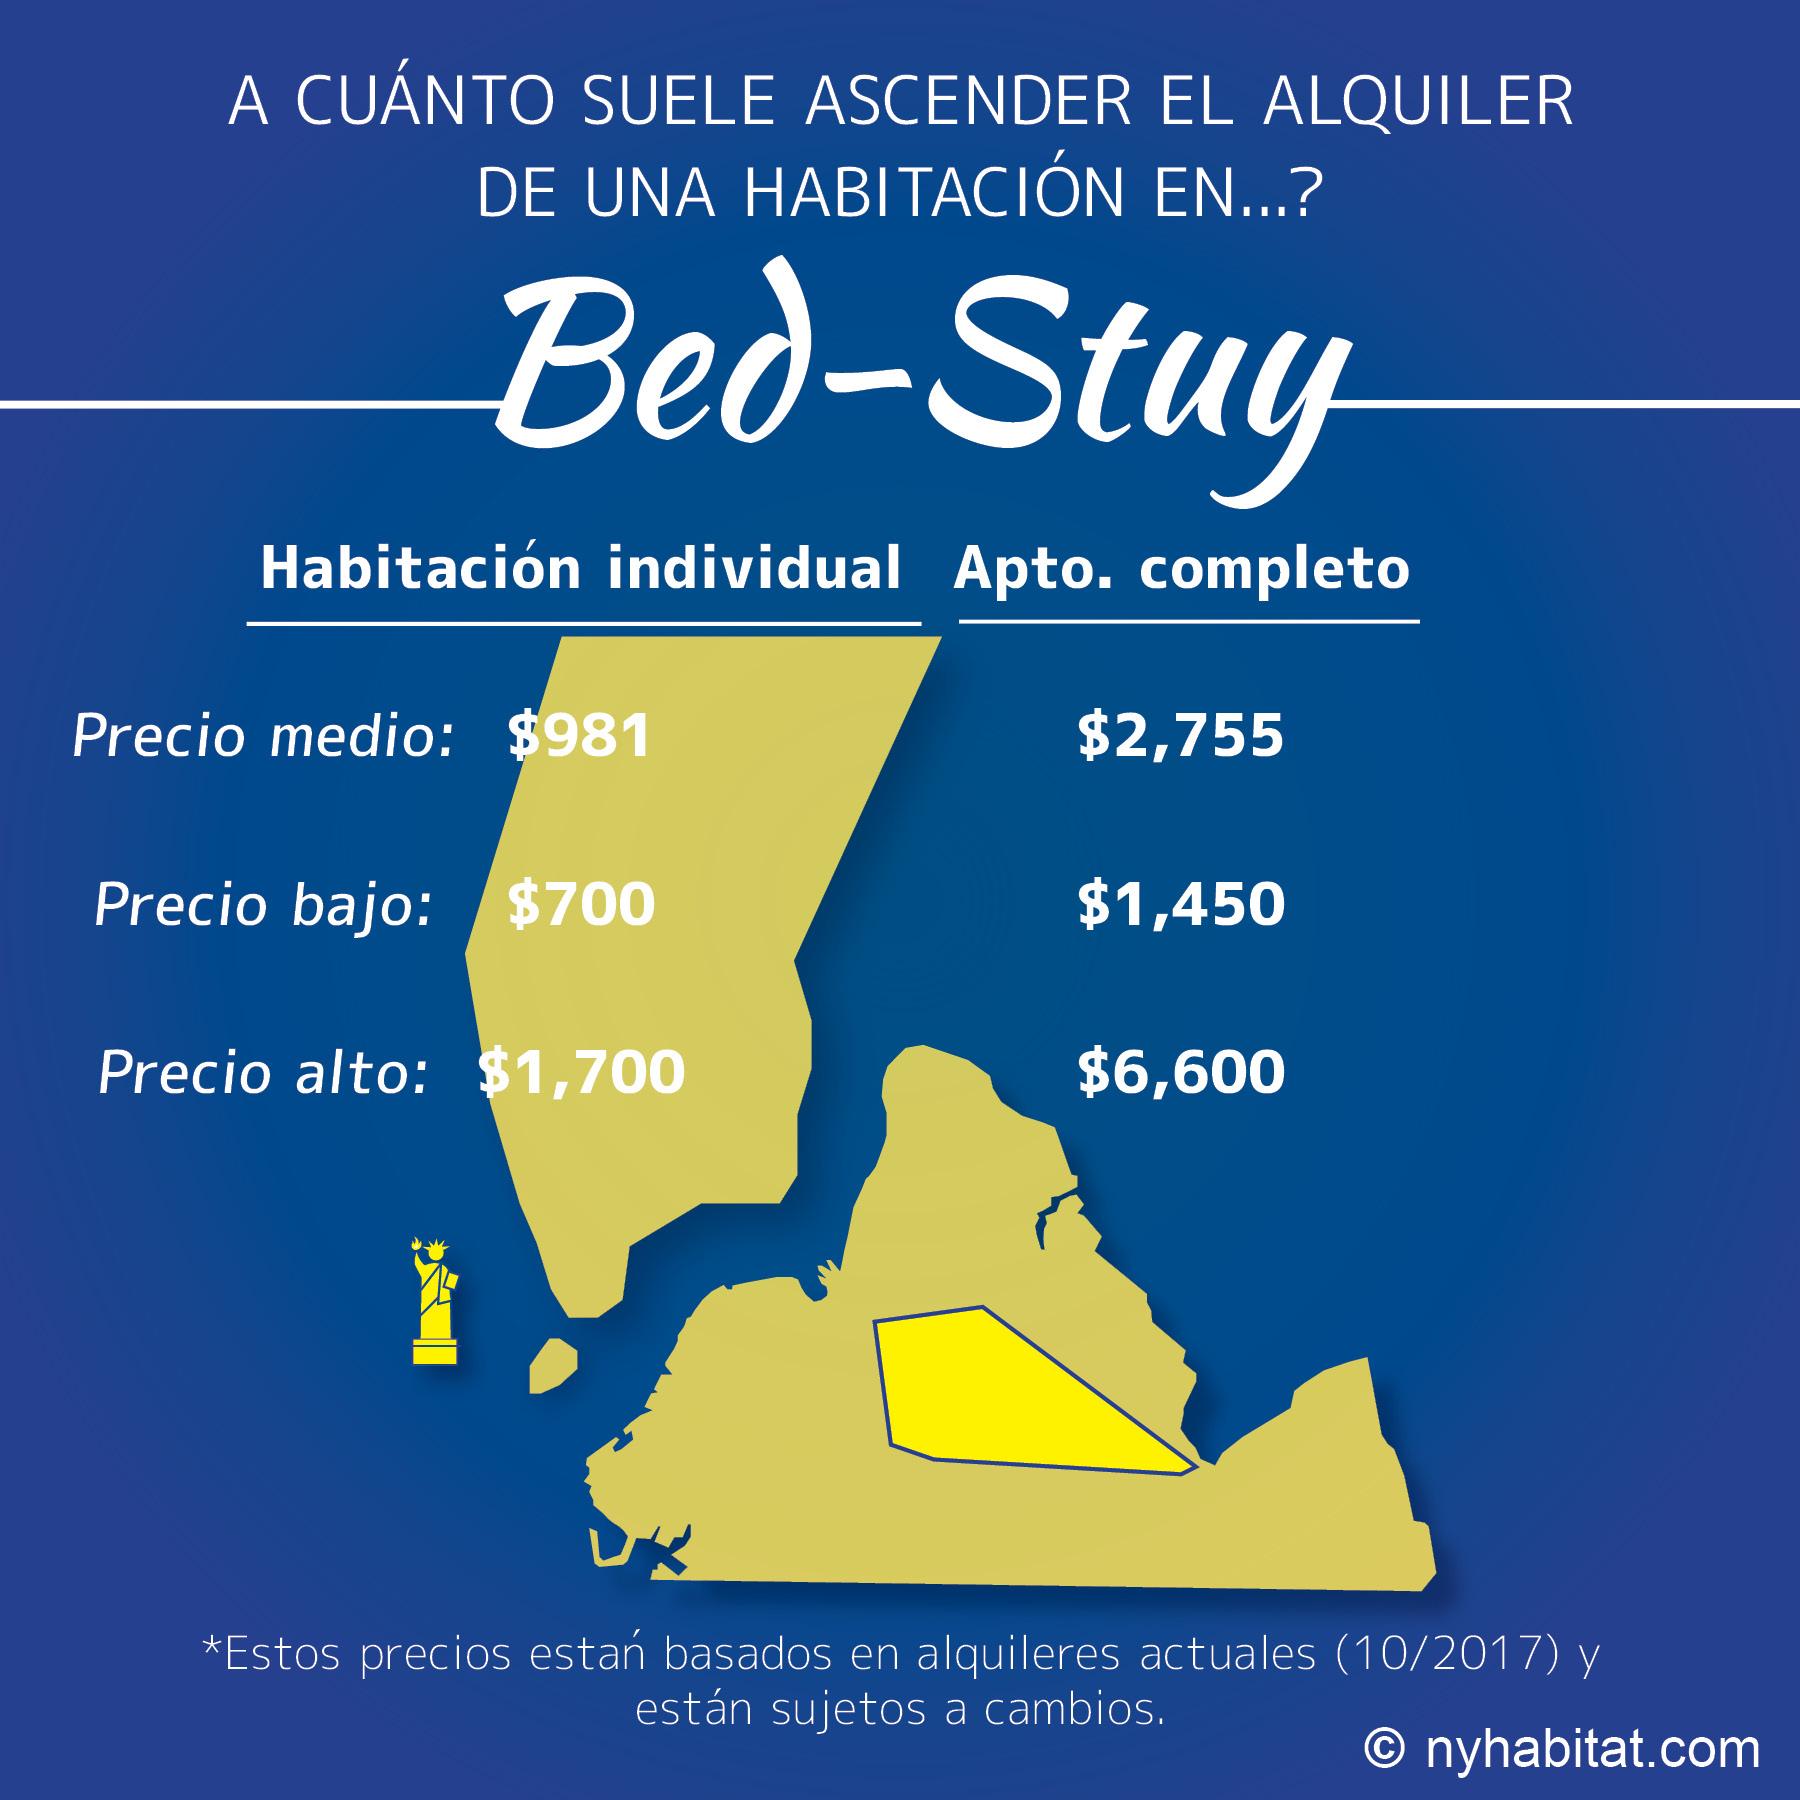 Infografía en la que se comparan los precios del alquiler de habitaciones y apartamentos en Bed-Stuy, Brooklyn.